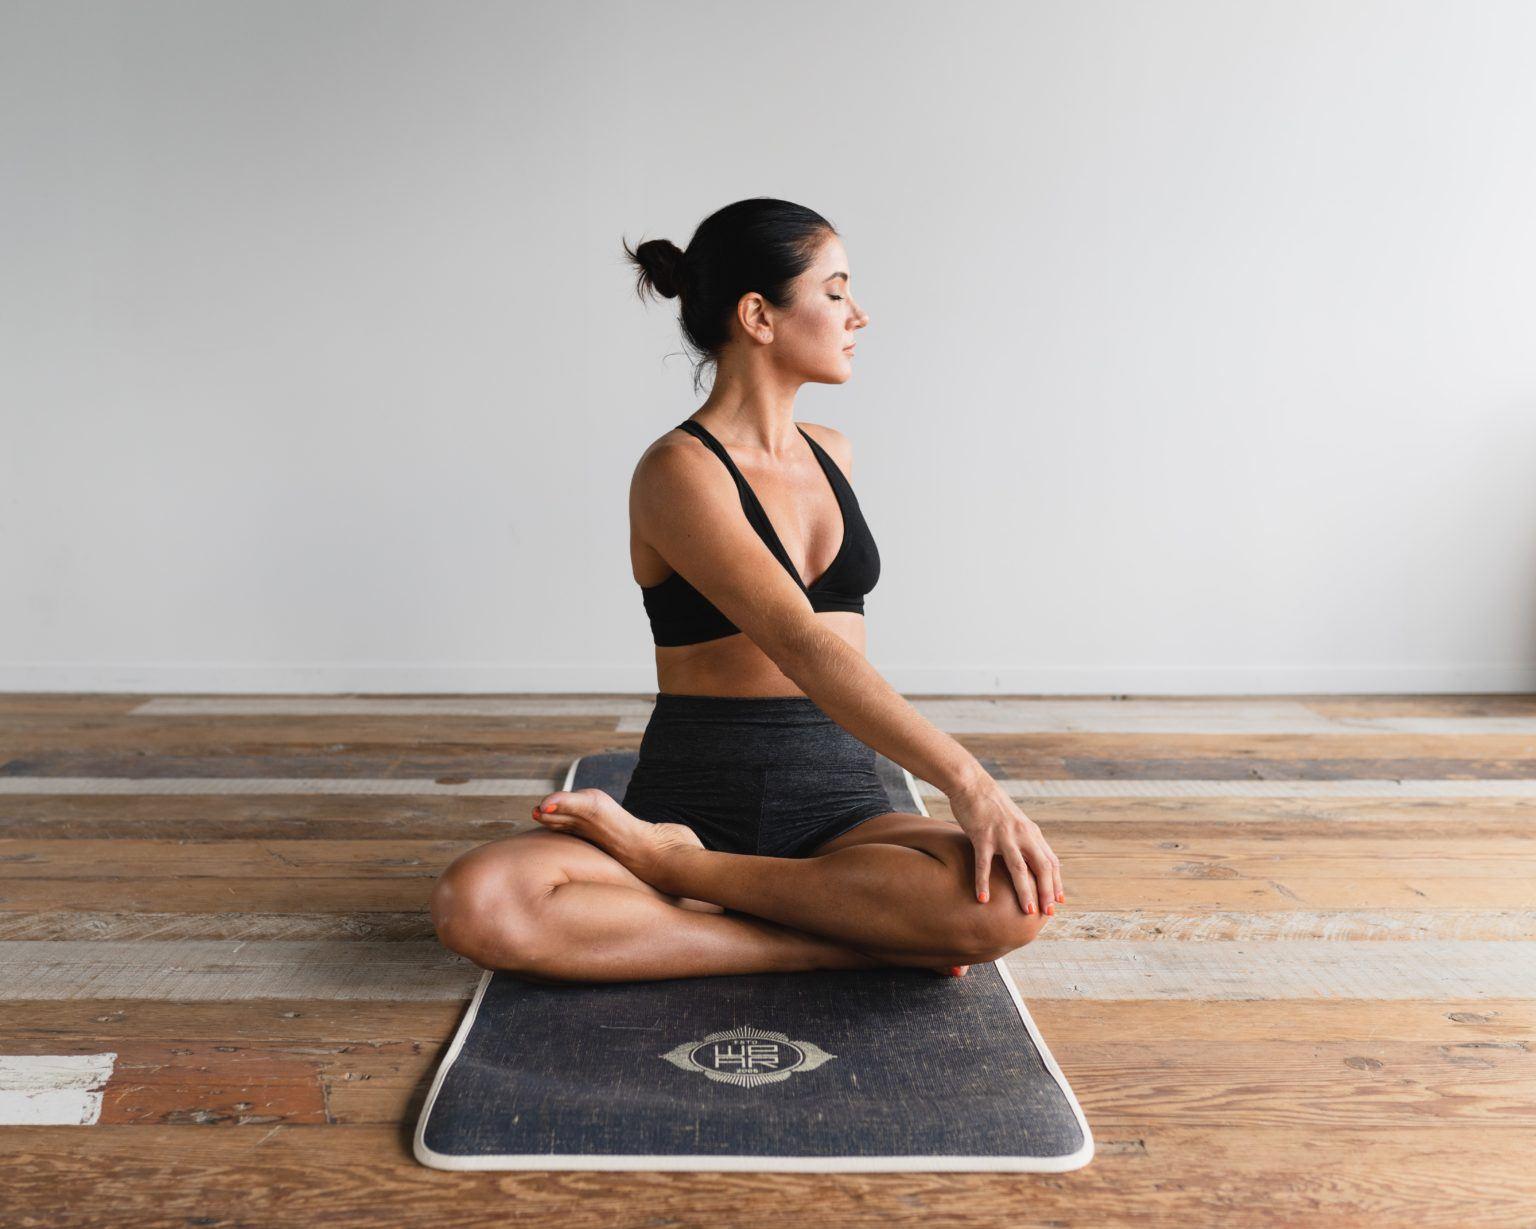 Kvinna med uppsatt hår sitter i yogaposition på en svart yogamatta.